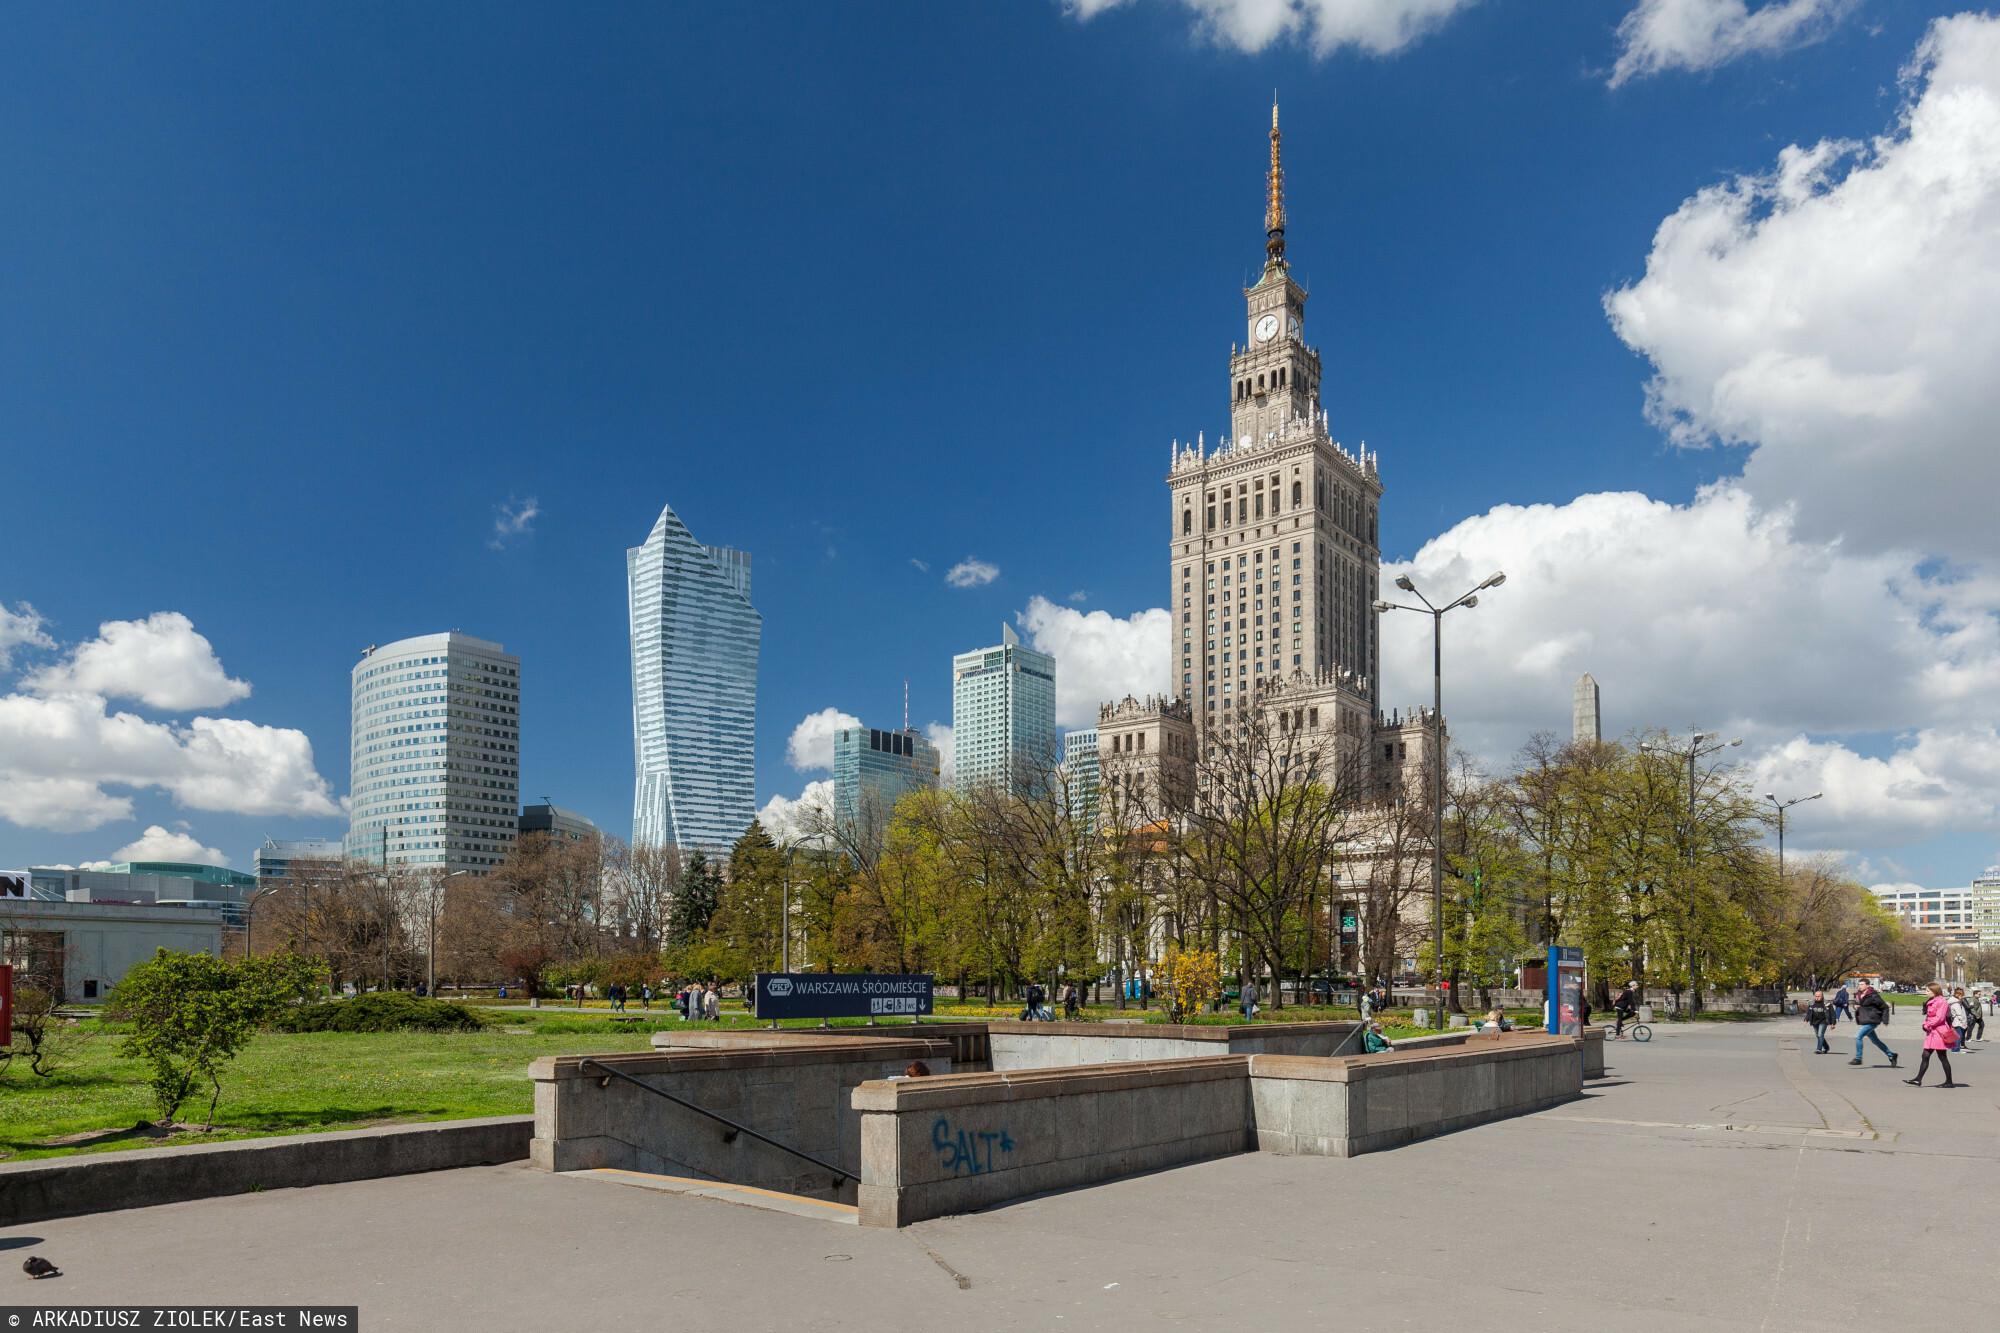 W centrum Warszawy postawiono canoe.